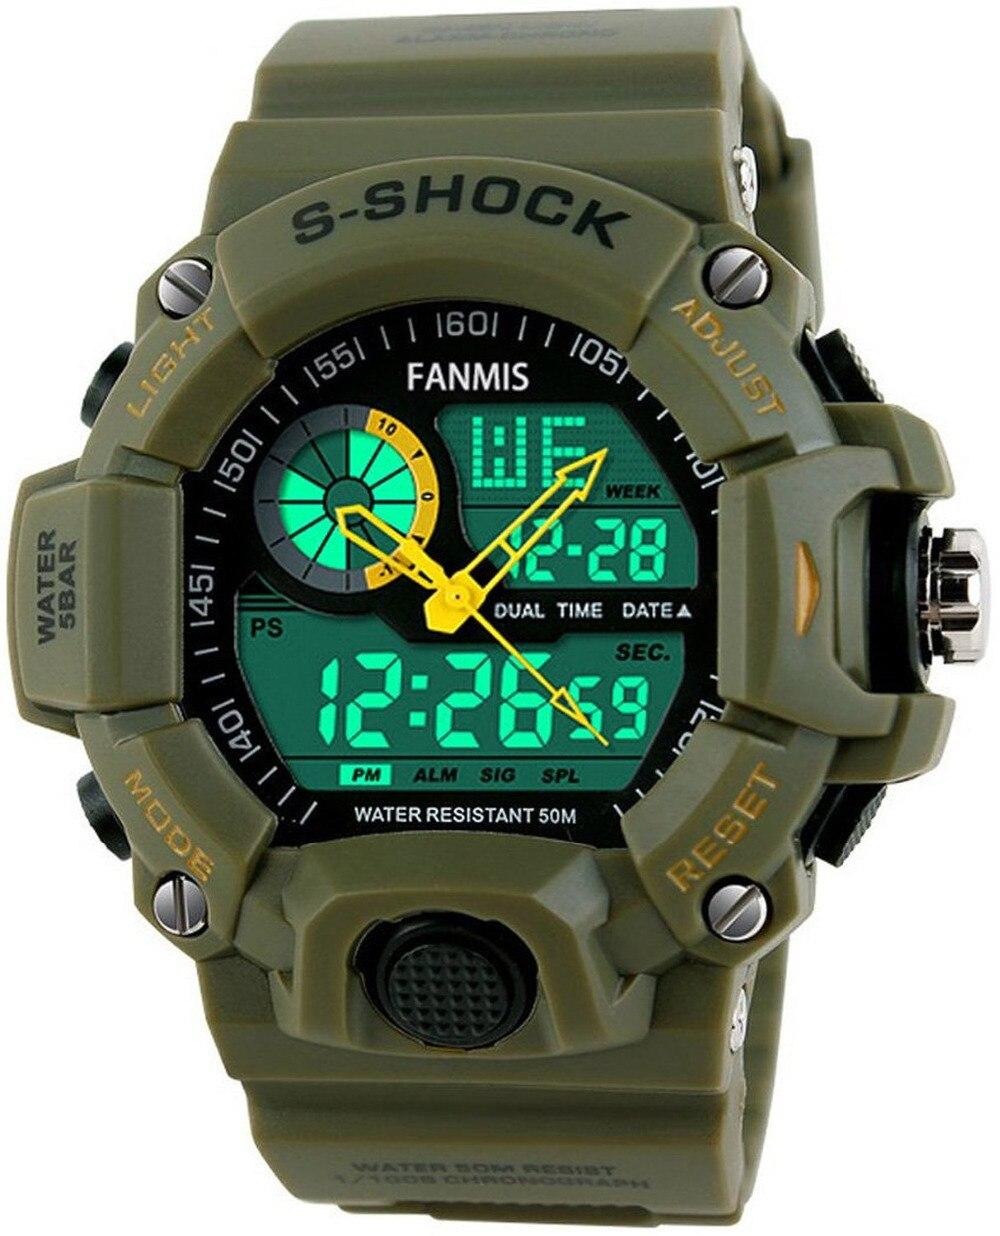 Военно-тактические часы Для мужчин Montre S-шок цифровые часы Спорт на открытом воздухе Dual Time Водонепроницаемый 50 м путешествия хронограф часы